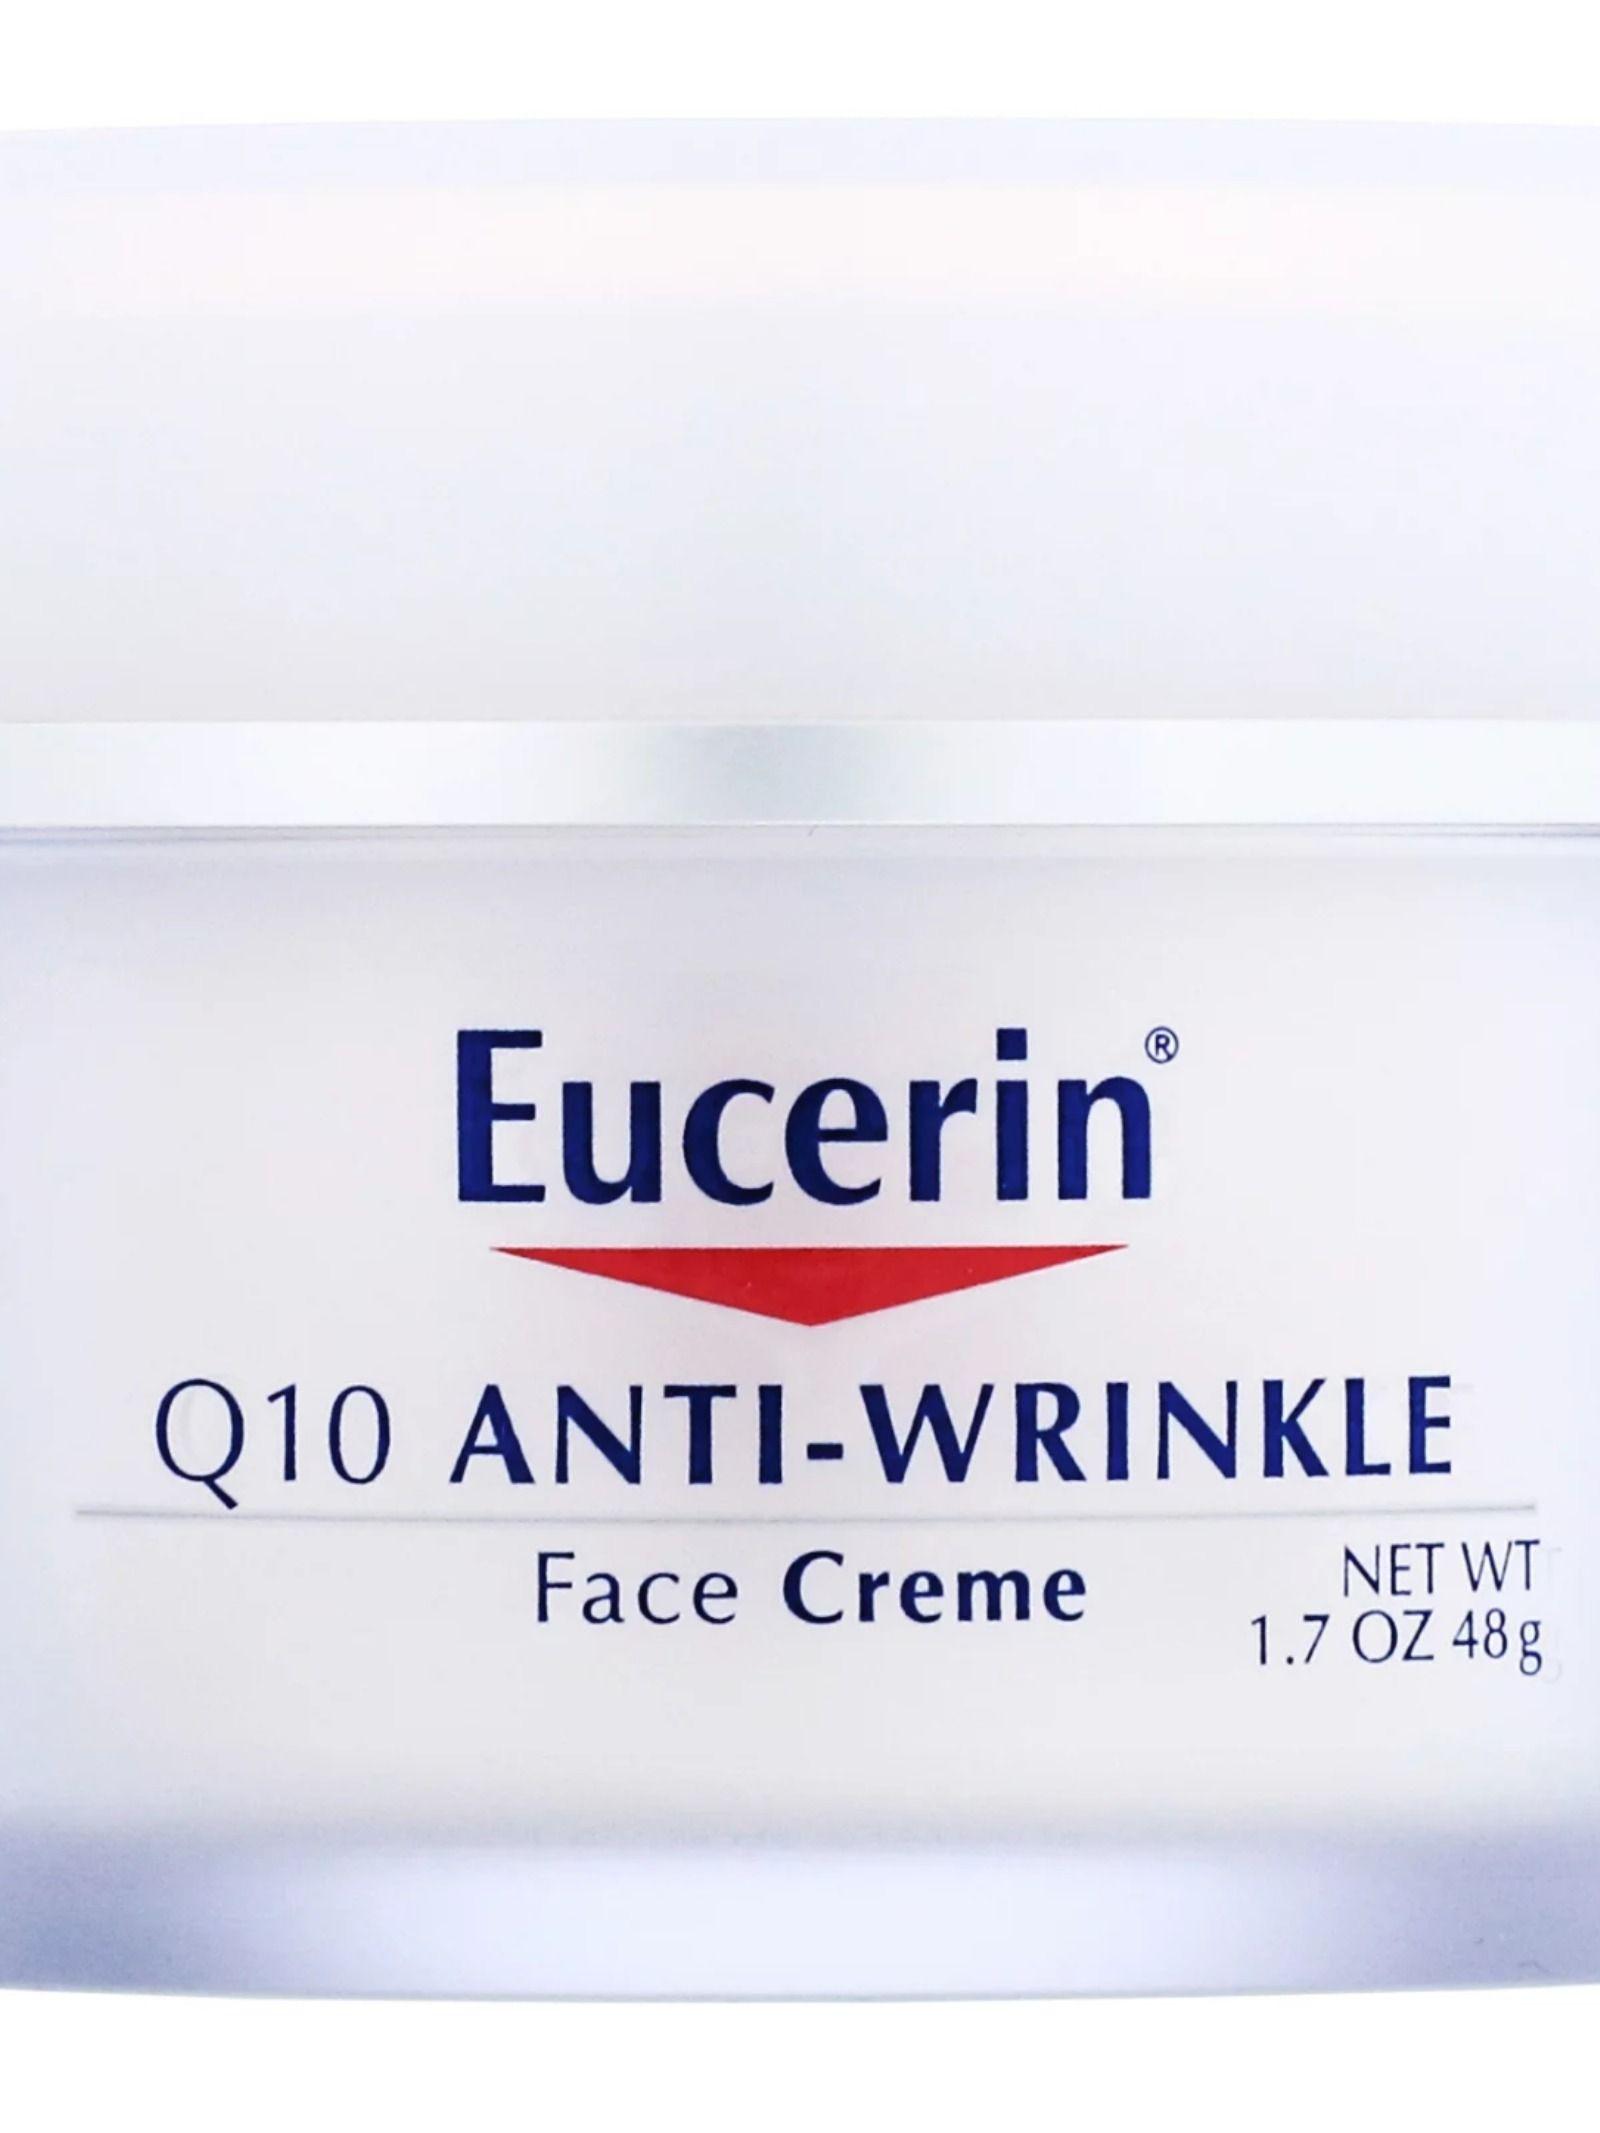 مضاد للتجاعيد ومجدد للبشرة من اي هيرب بسعر مناسب Face Wrinkles Anti Wrinkle Face Face Creme